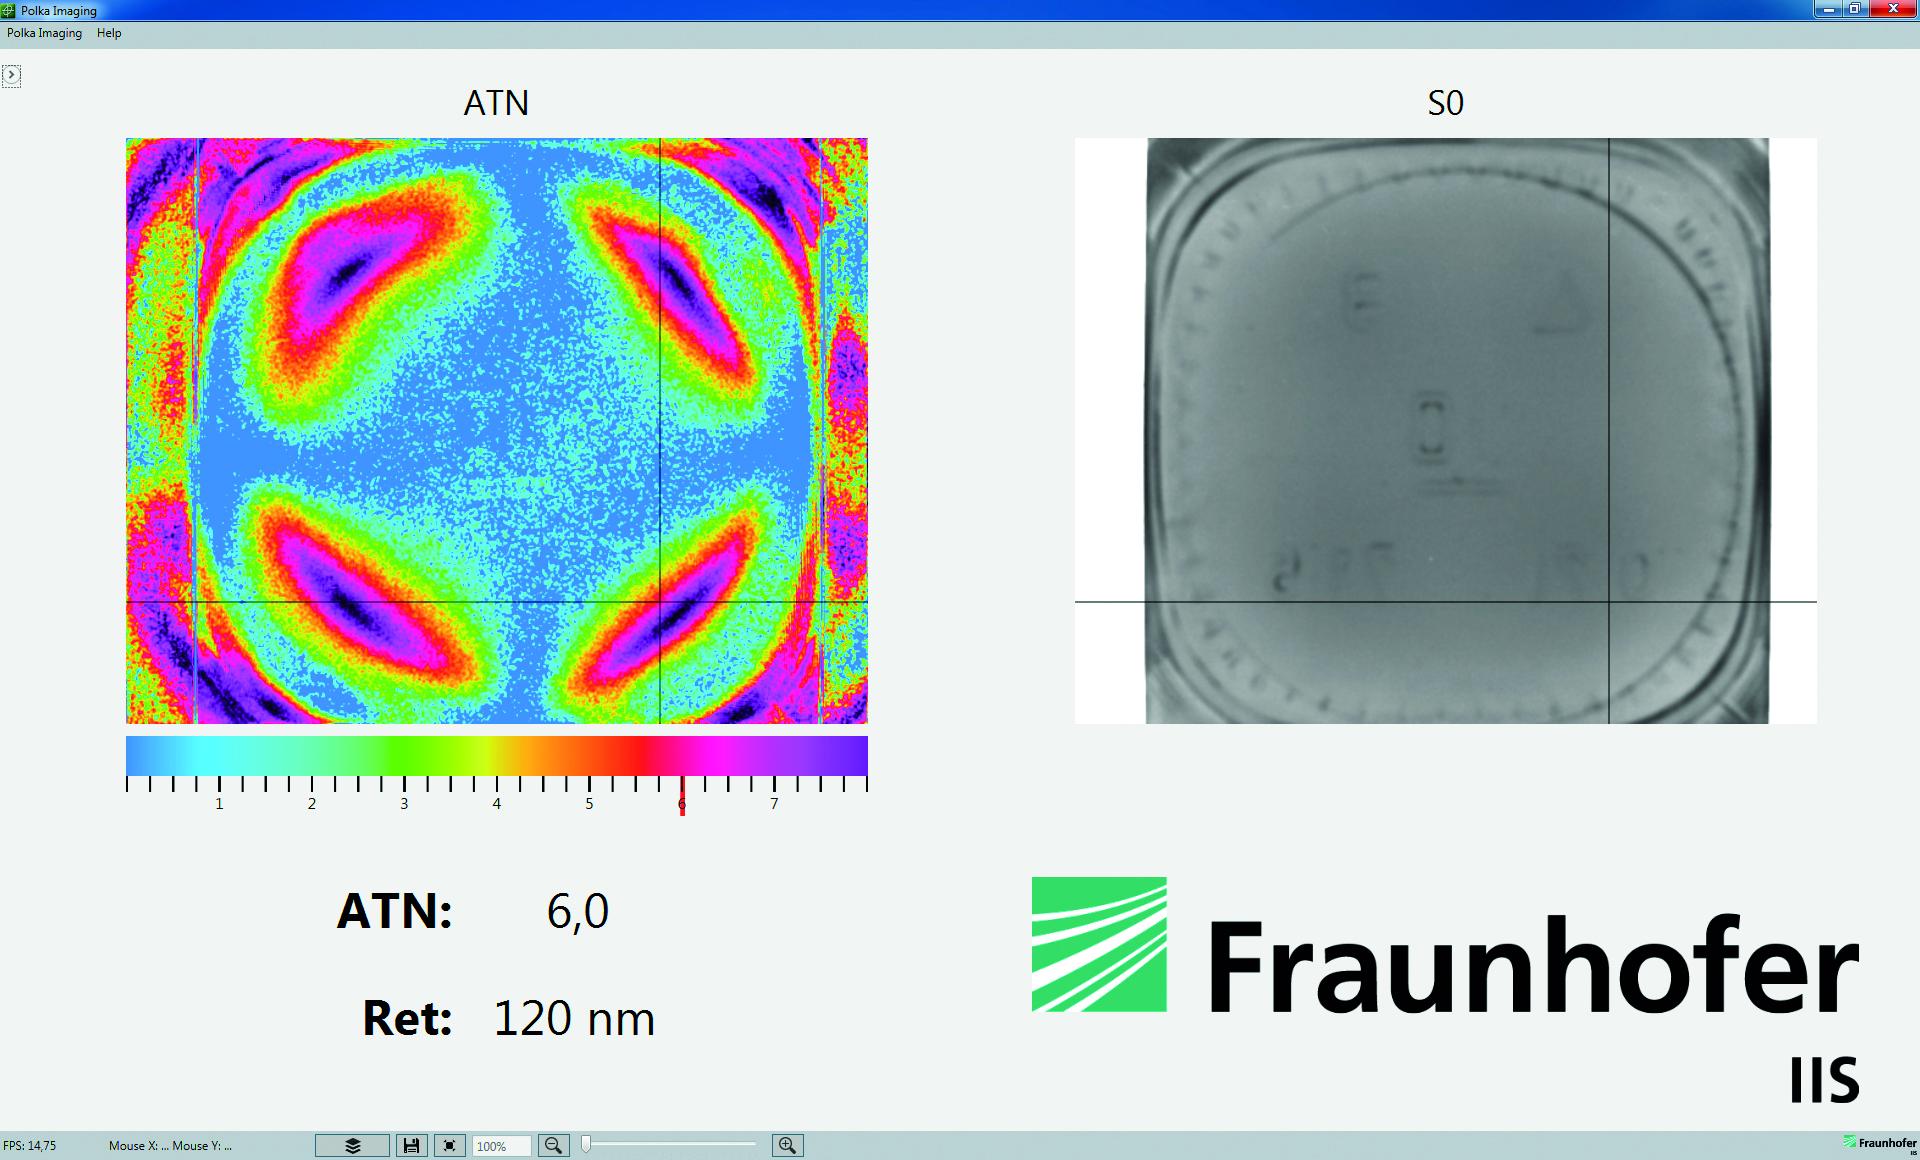 Fraunhofer Glass